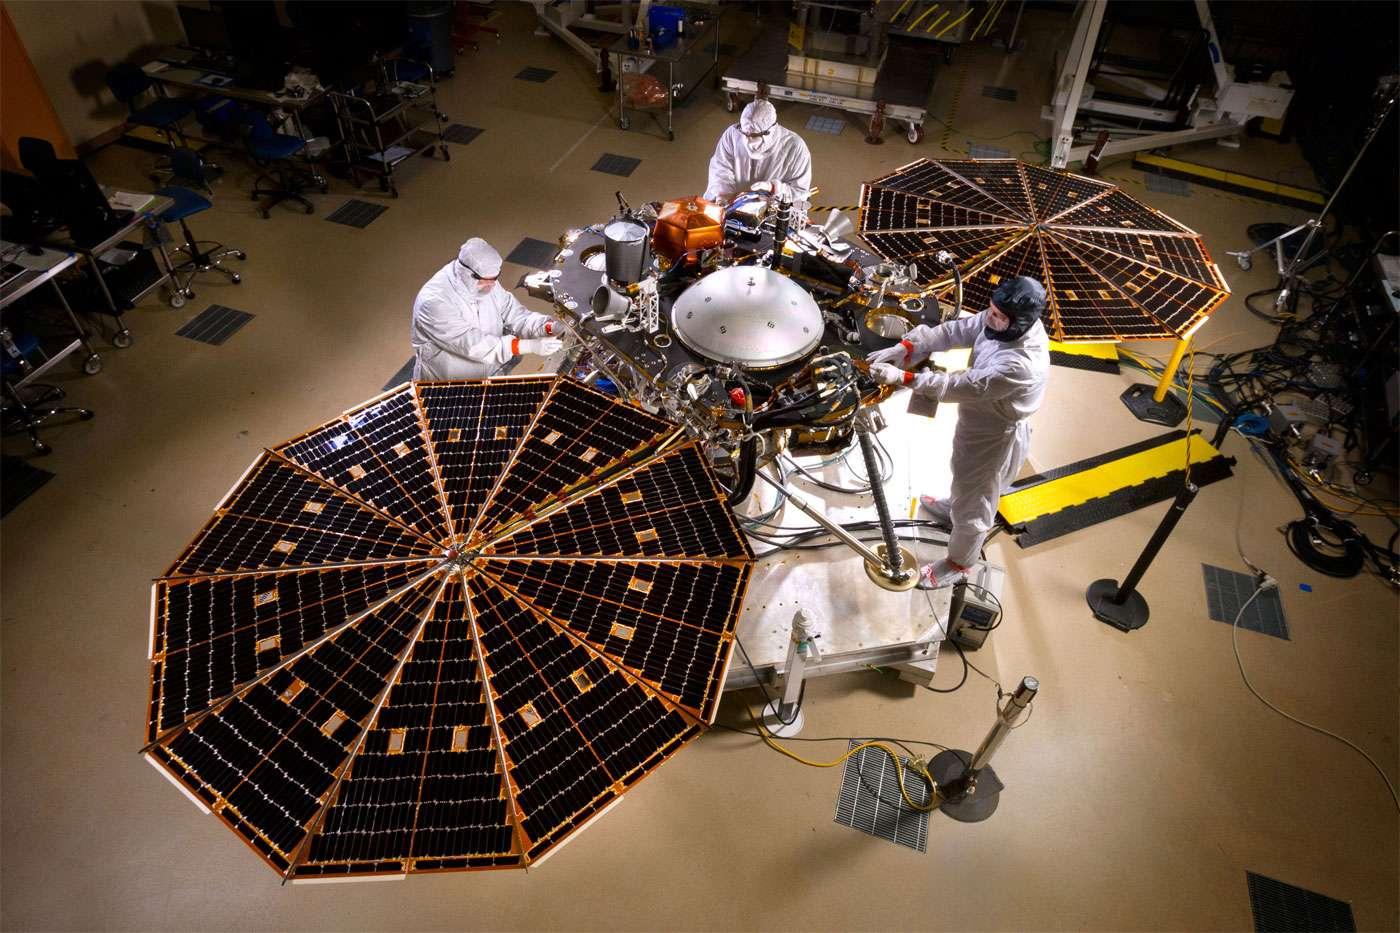 L'atterrisseur Insight avec en son centre l'enceinte qui abrite le sismomètre SEIS du Cnes. La décision de reporter le lancement de la sonde est logique. Il aurait été inutile d'envoyer sur Mars un instrument incapable d'acquérir des données avec le niveau de précision requis. © Nasa, Lockheed Martin